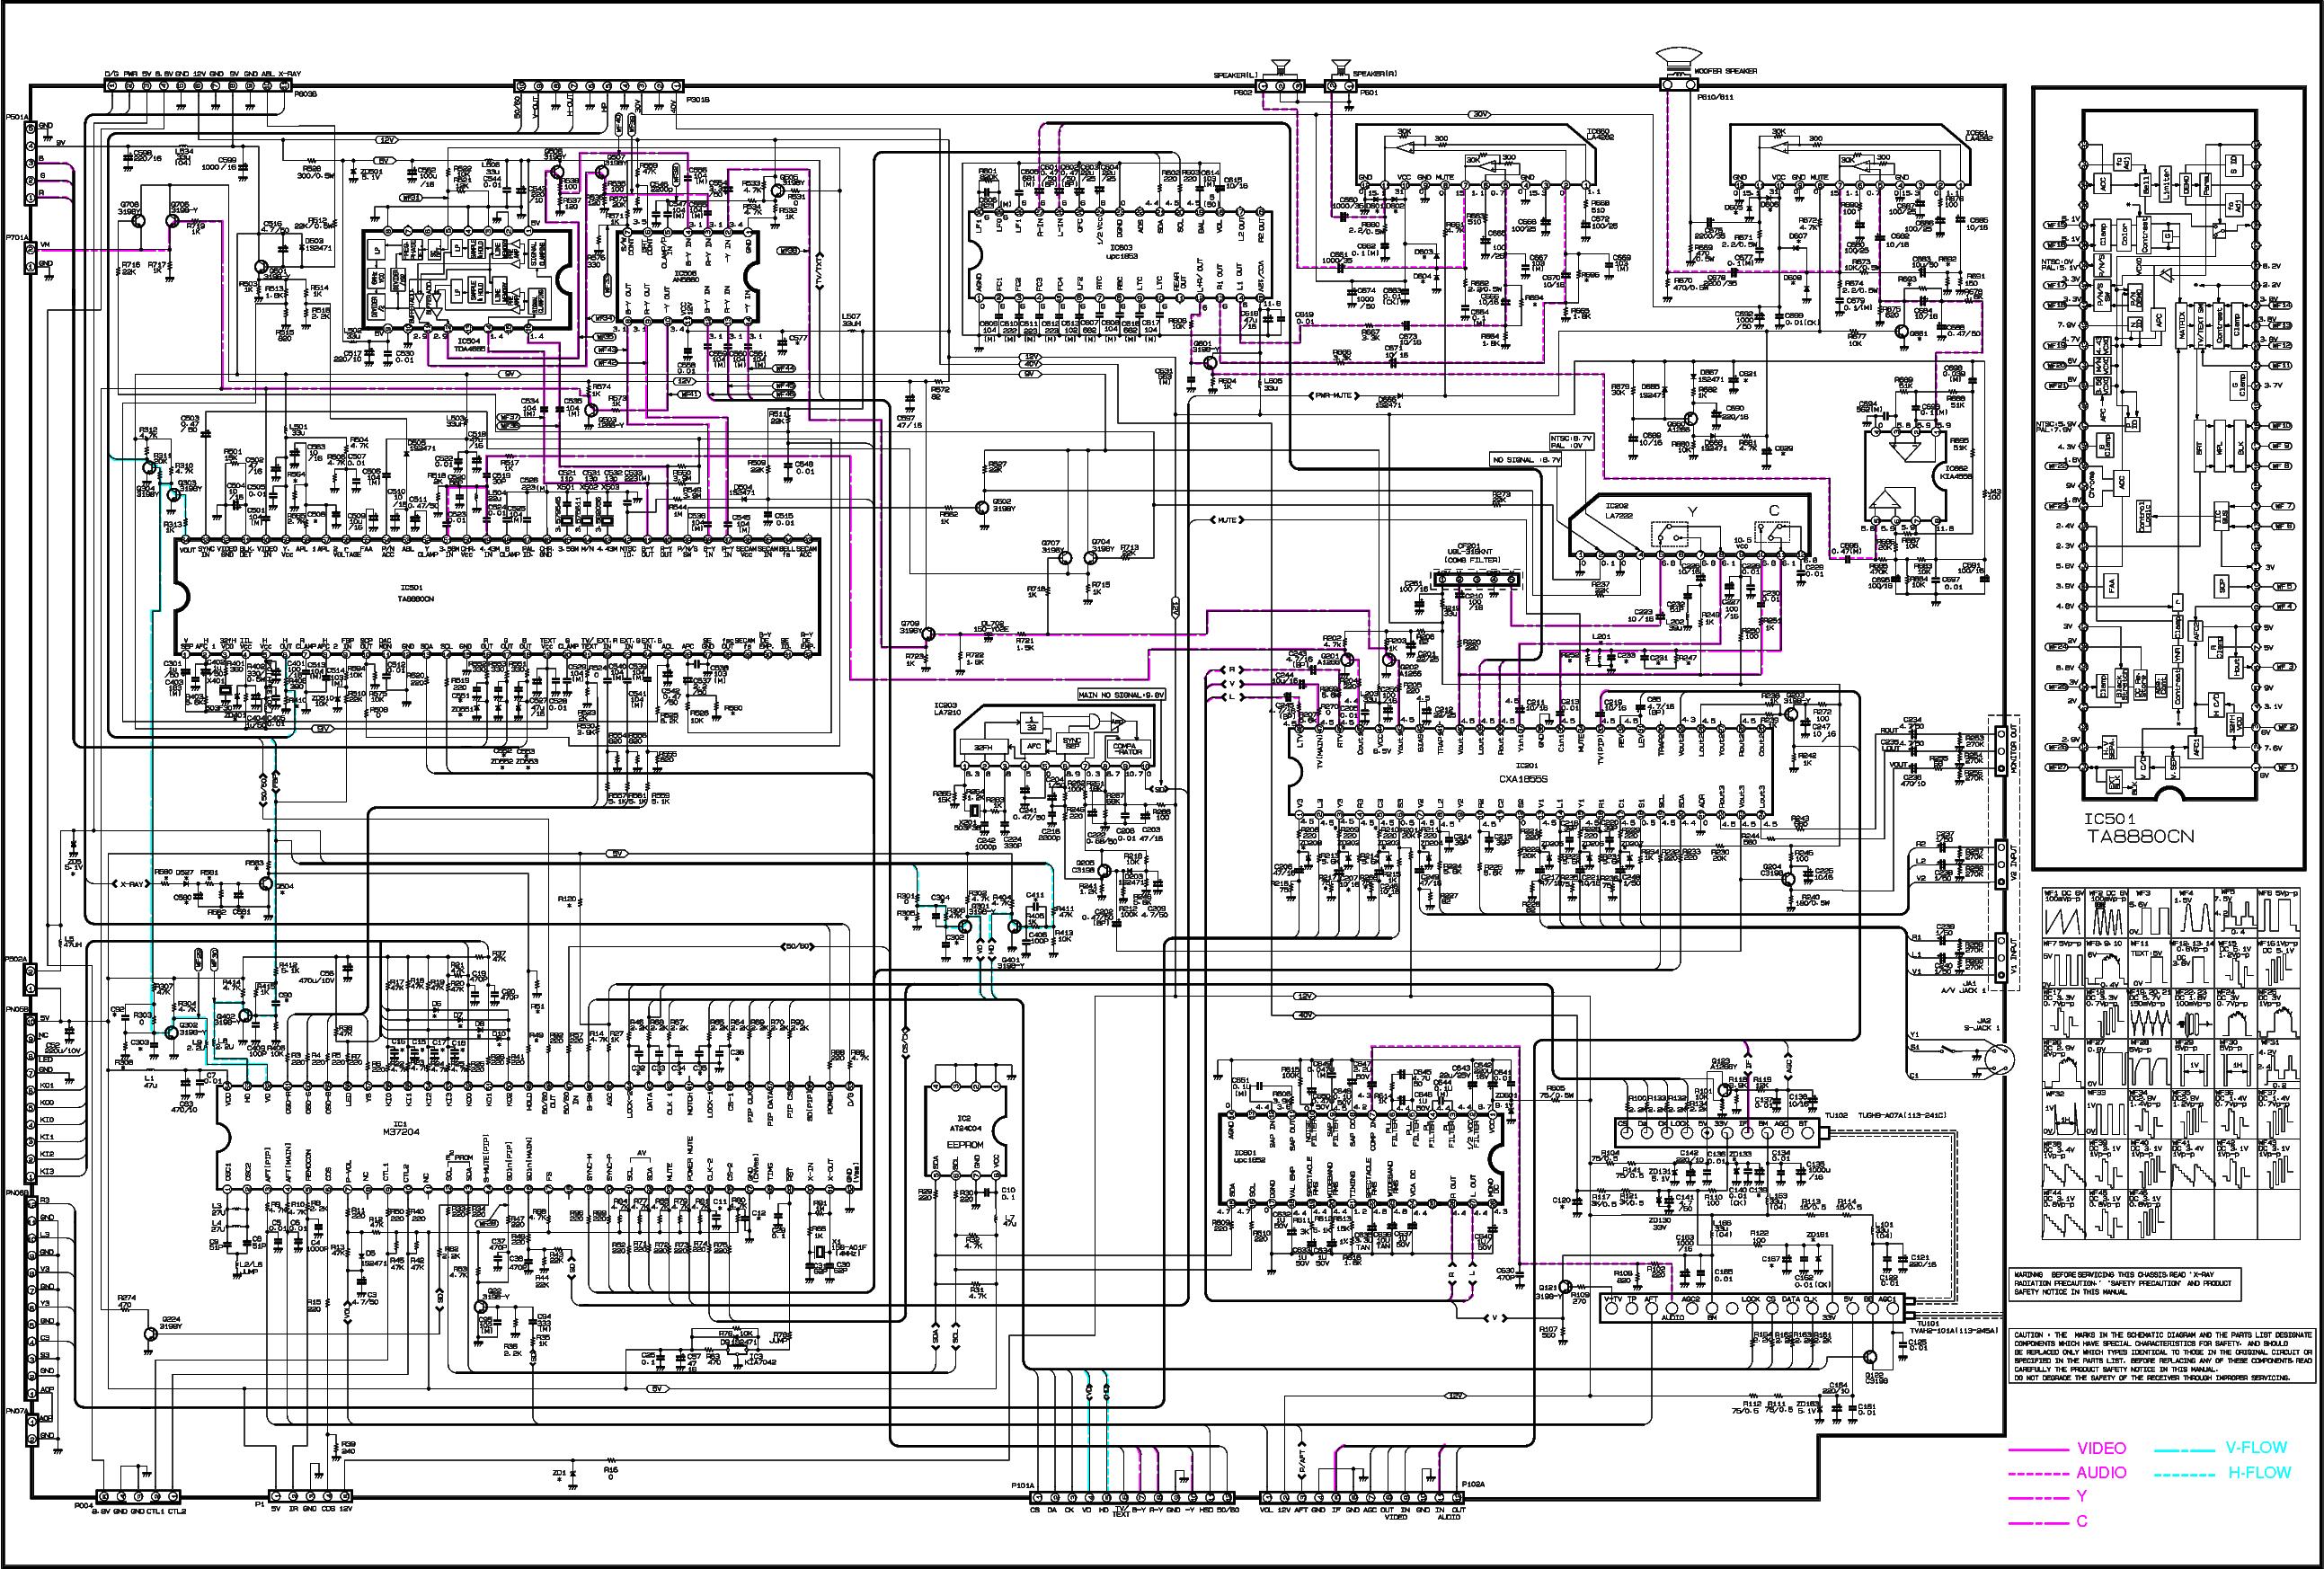 инструкция lg mt-42pz40